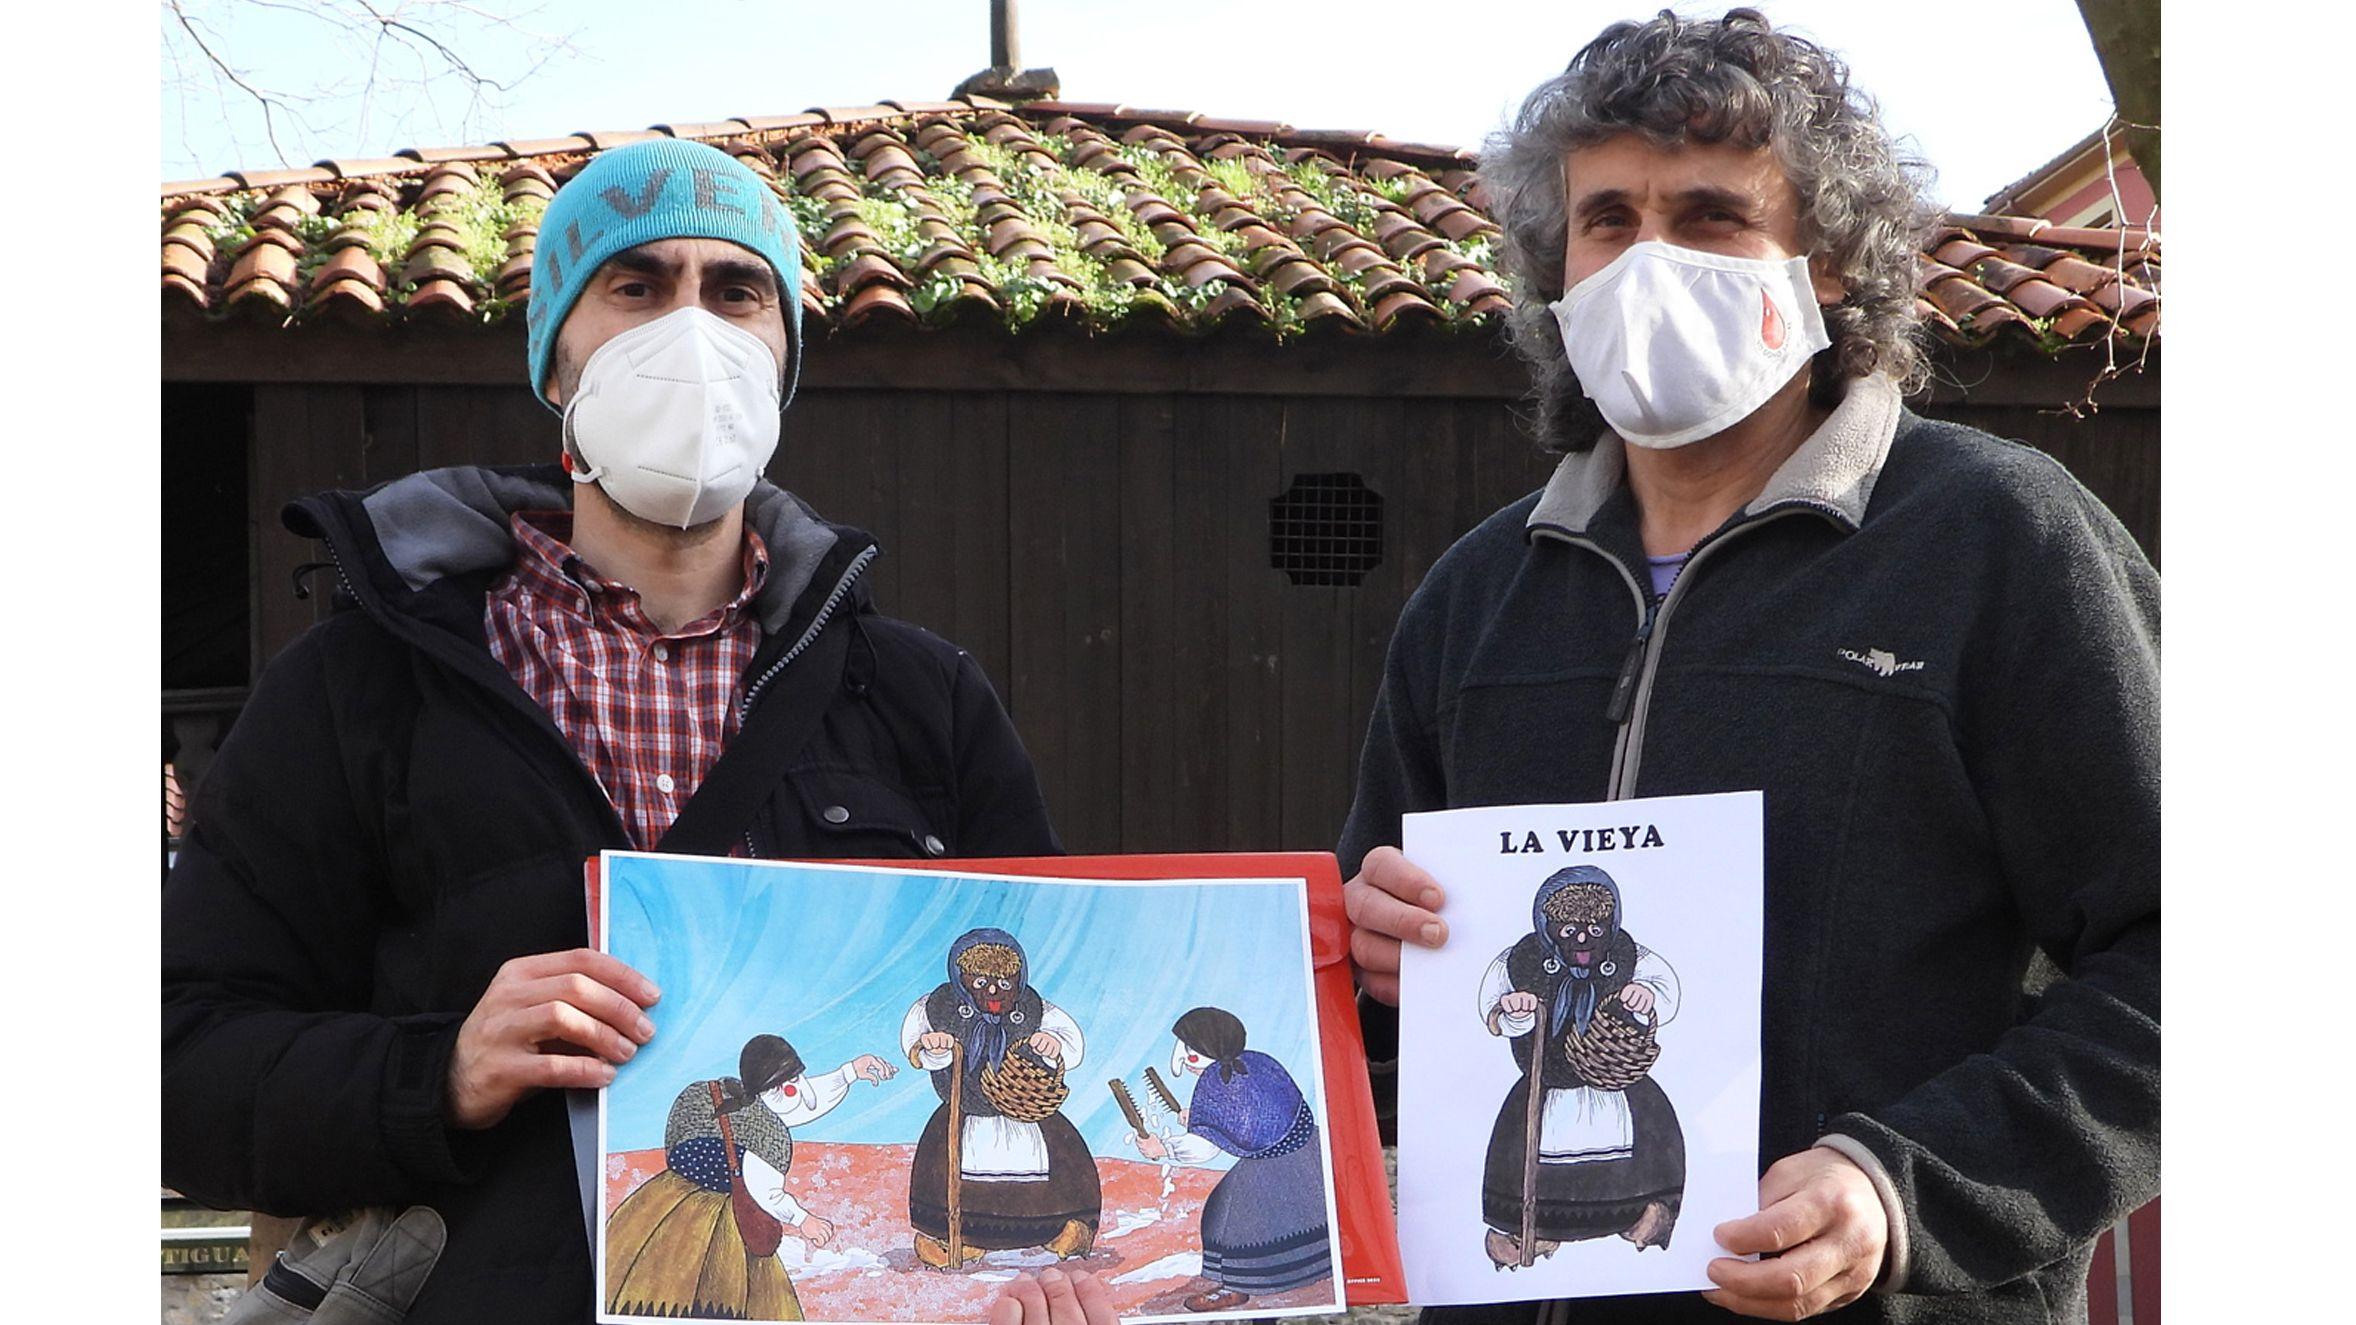 Choqueiros contra el virus.Víctor y Berto del colectivo Antroxu Tradicional d'Abillés con unos dibujos de «La Vieya»